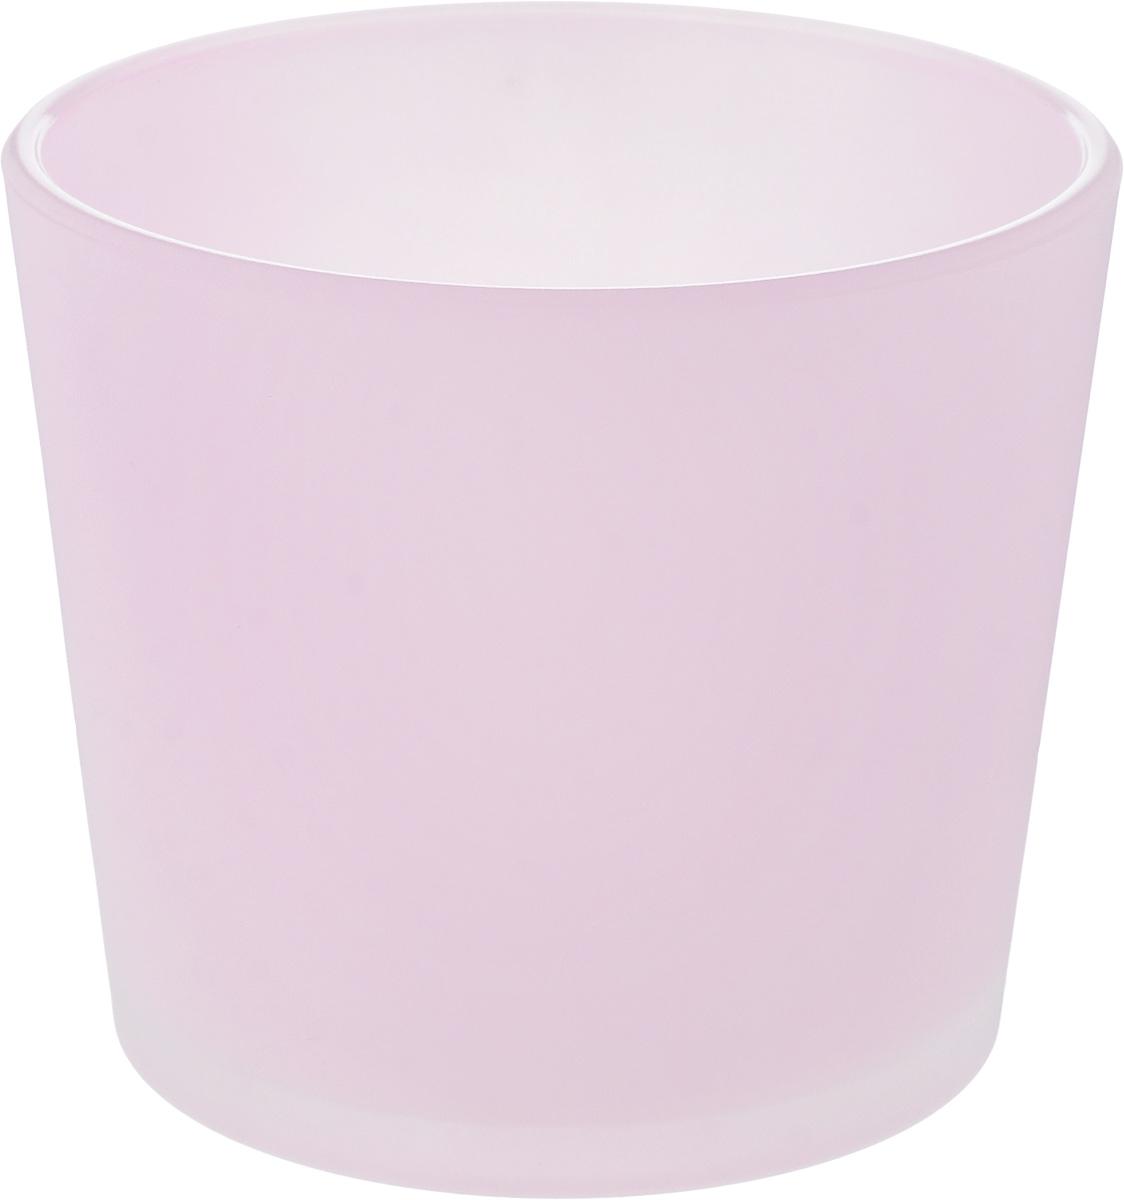 Кашпо NiNaGlass, цвет: розовый, высота 12,5 см531-401Кашпо NiNaGlass имеет уникальную форму, сочетающуюся как с классическим, так и с современным дизайном интерьера. Оно изготовлено из высококачественного стекла и предназначено для выращивания растений, цветов и трав в домашних условиях. Кашпо NiNaGlass порадует вас функциональностью, а благодаря лаконичному дизайну впишется в любой интерьер помещения. Диаметр кашпо (по верхнему краю): 14,5 см.Высота кашпо: 12,5 см.